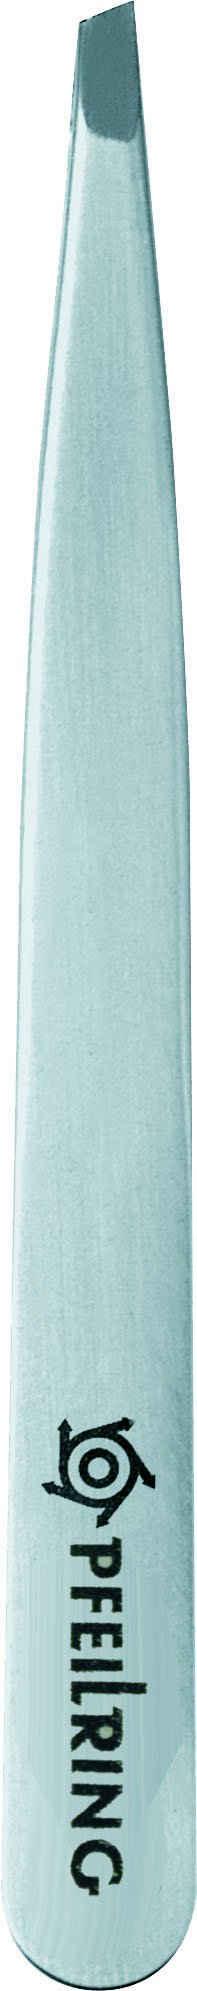 PFEILRING Pinzette, 9,7cm, rostfrei schwarz